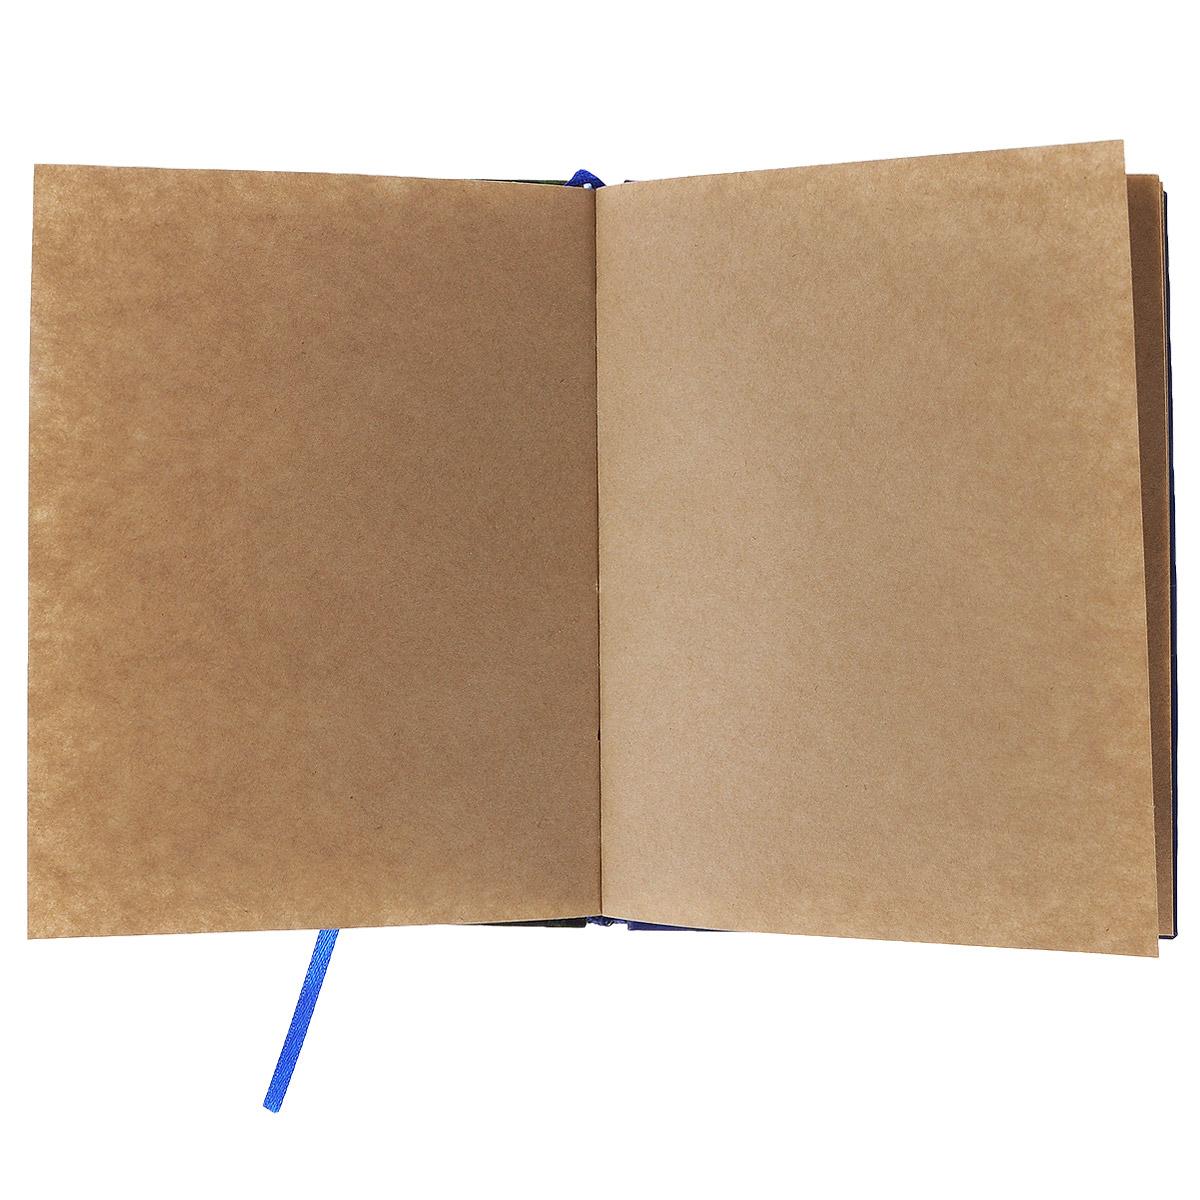 Эдгар Дега. Голубые танцовщицы. Блокнот